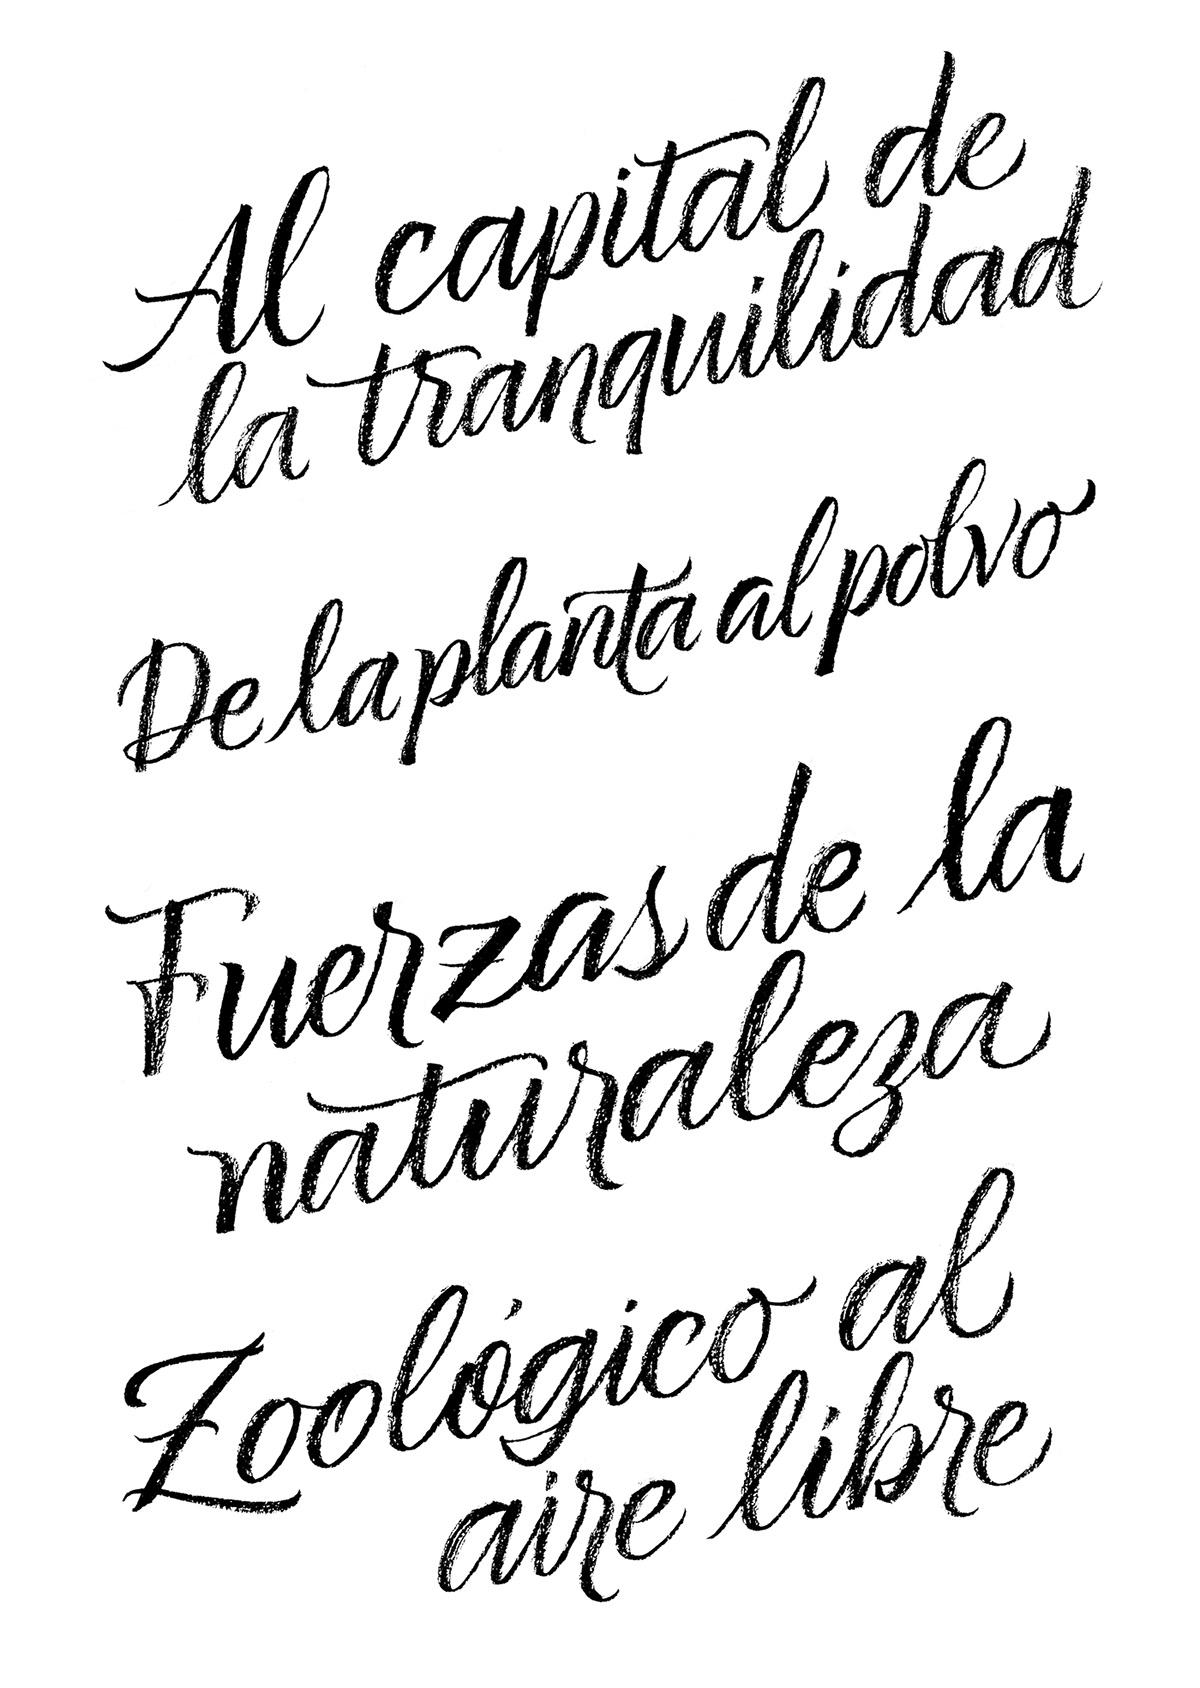 caligrafia revista magazine article titles Handlettering lettering brushpen brush writing